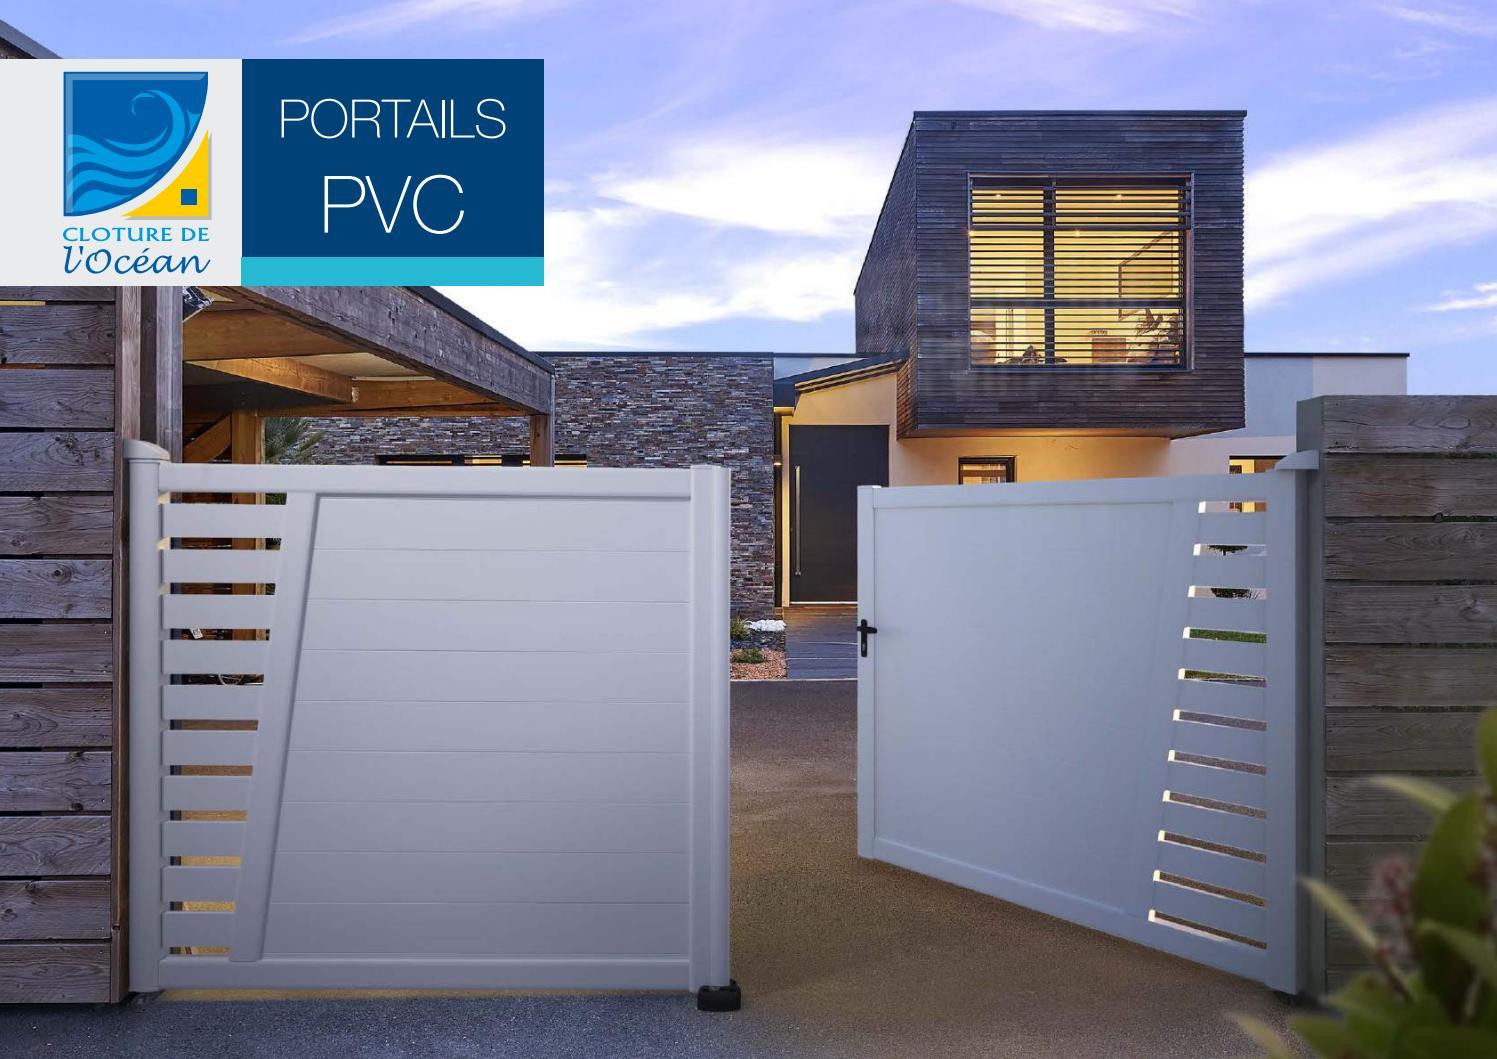 Mousse Sur Portail Pvc portail pvcbeaulieu menuiseries - issuu